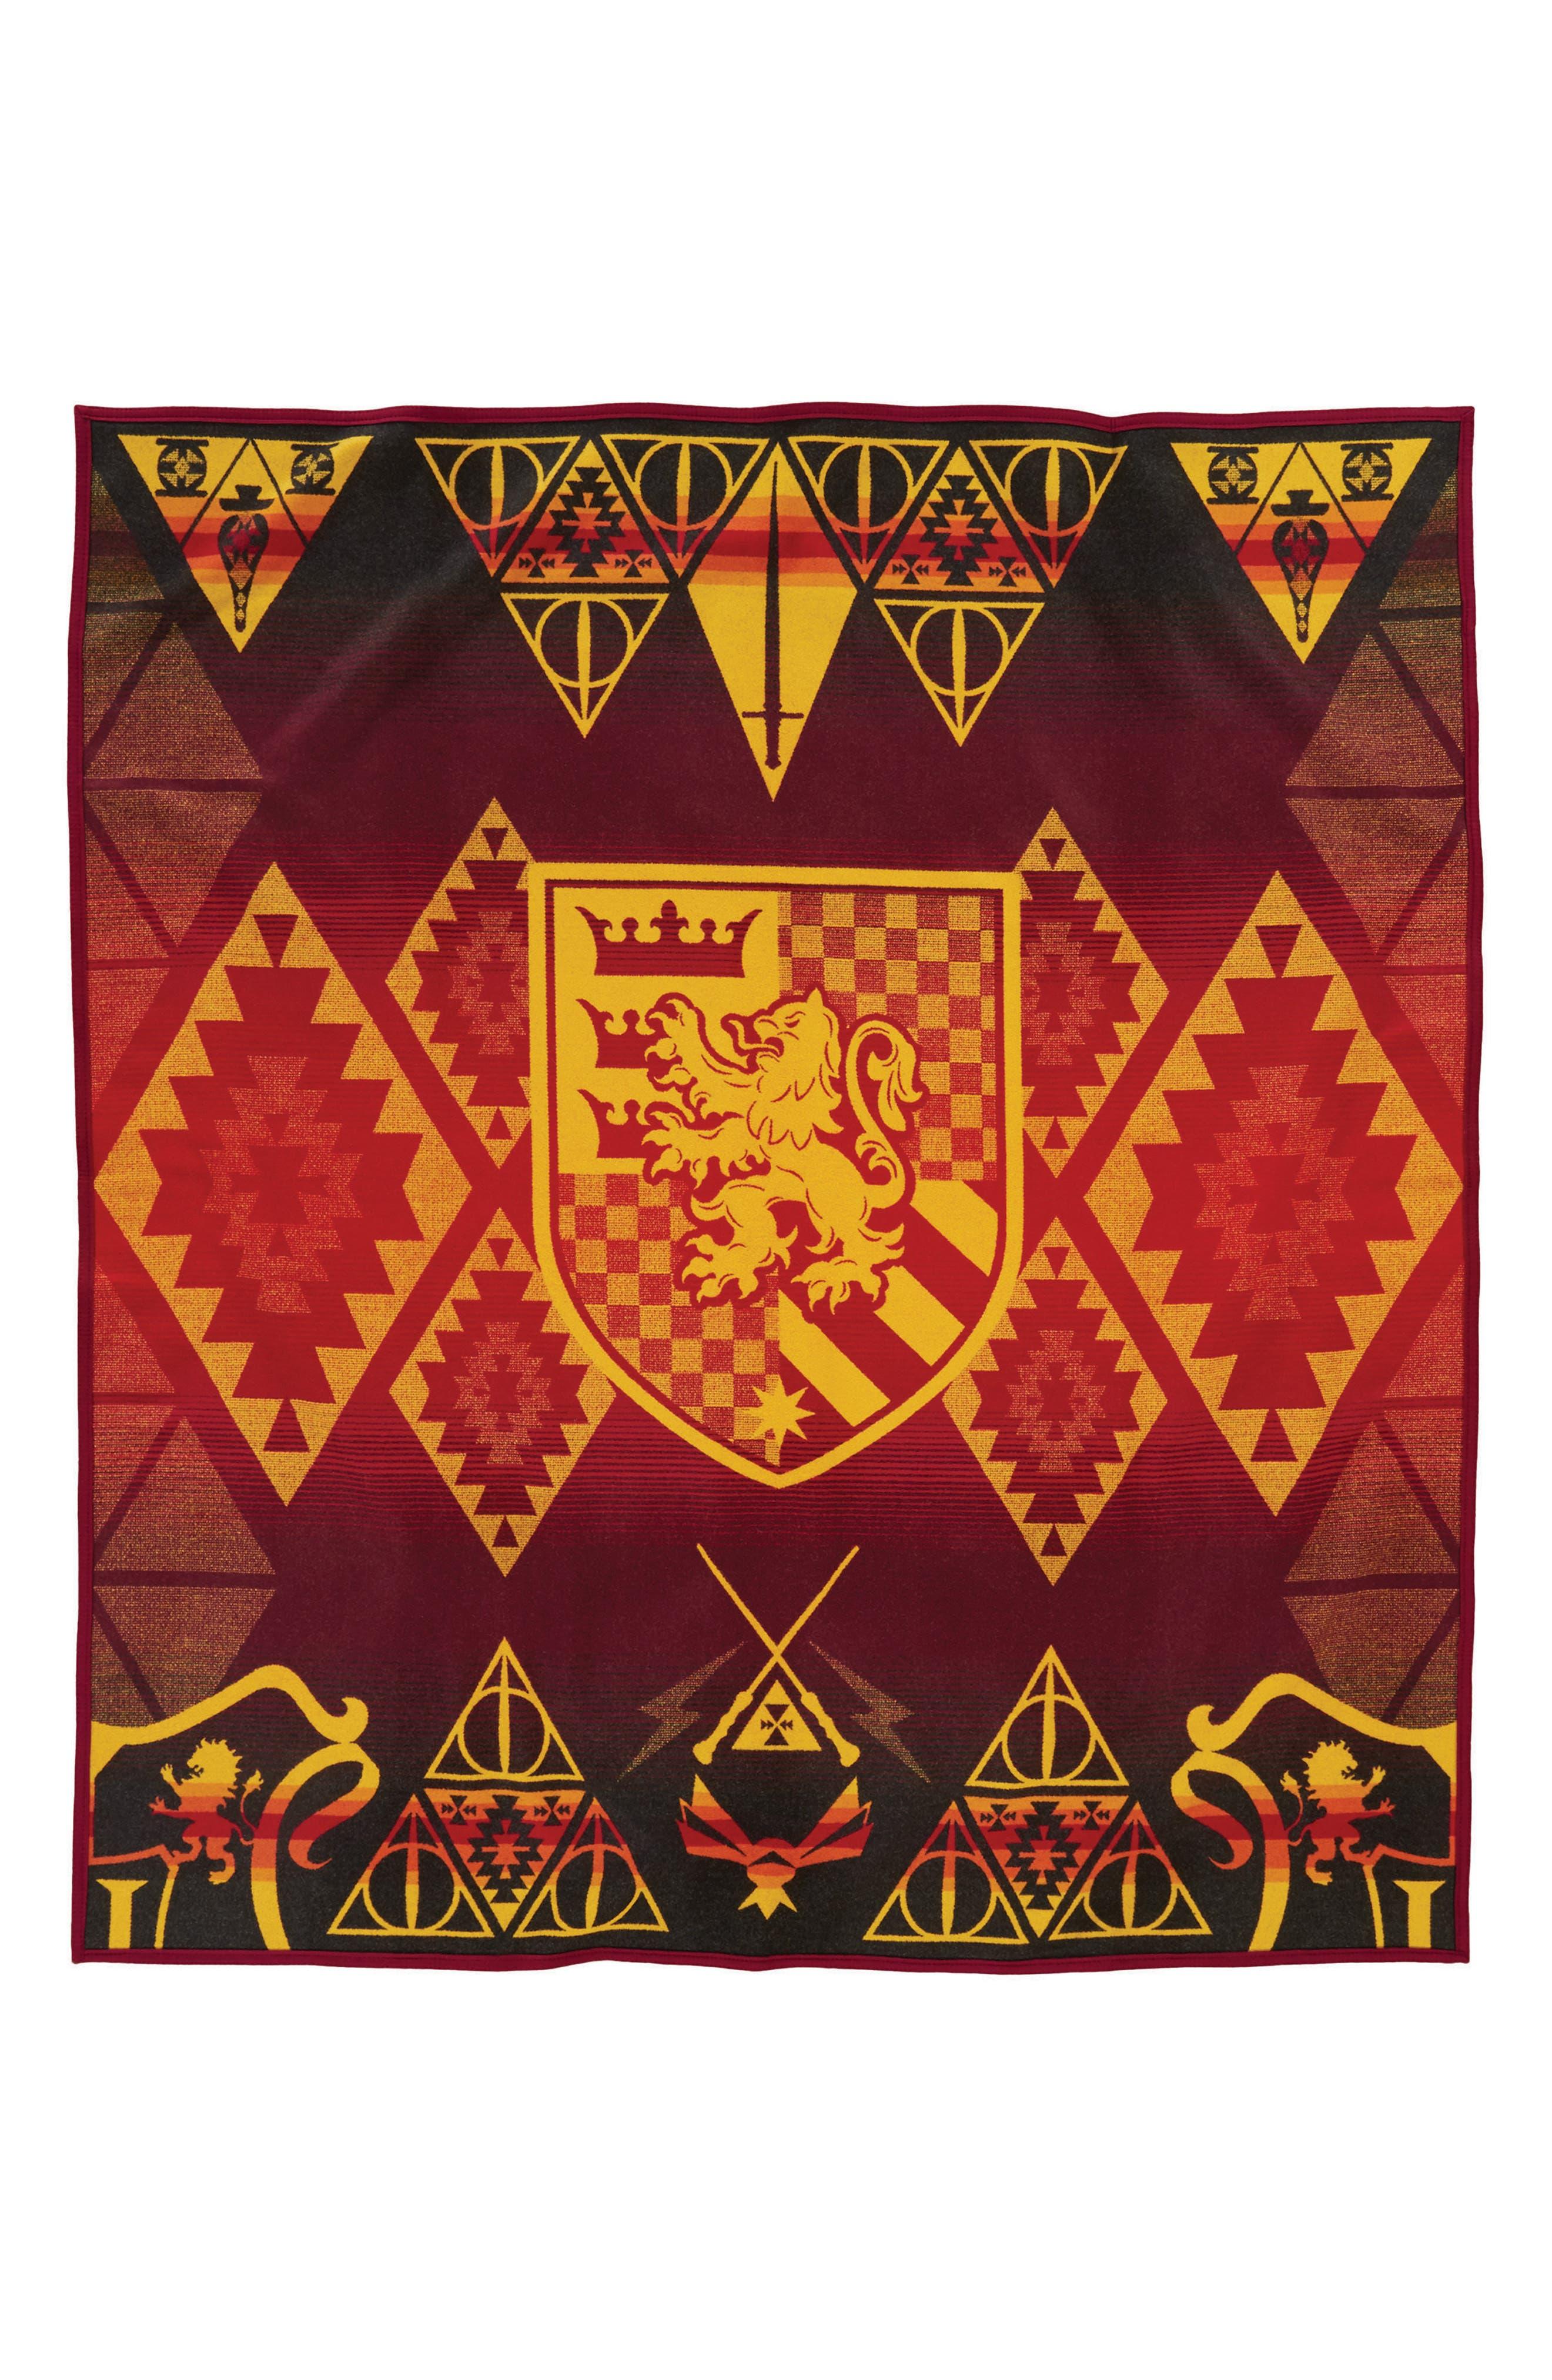 Pendleton Harry Potter - Gryffindor Blanket